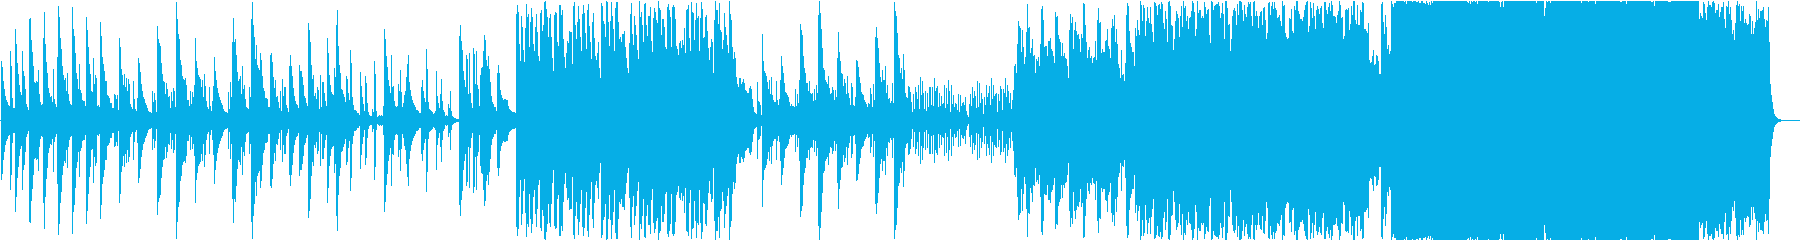 徐々に盛り上がりを見せるキレイめバラードの再生済みの波形